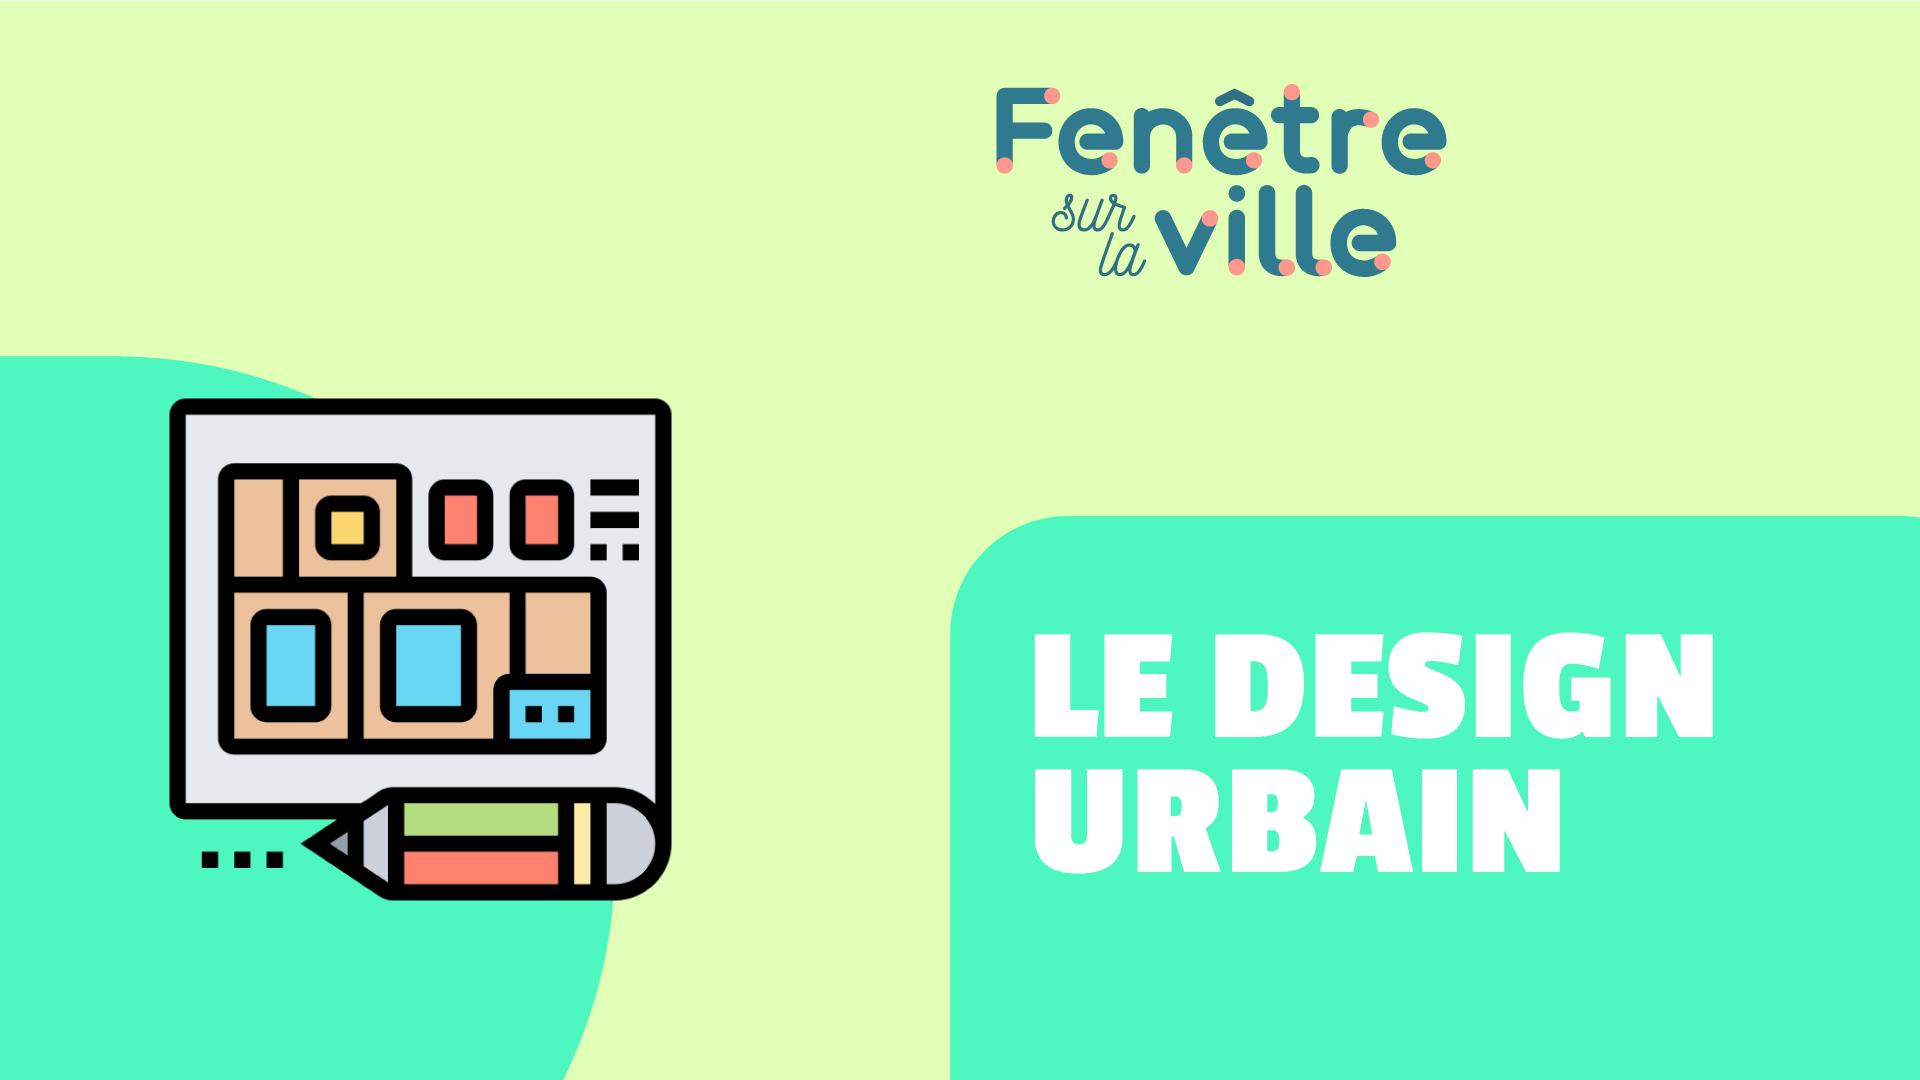 Fenêtre sur la ville: Le design va changer la ville!